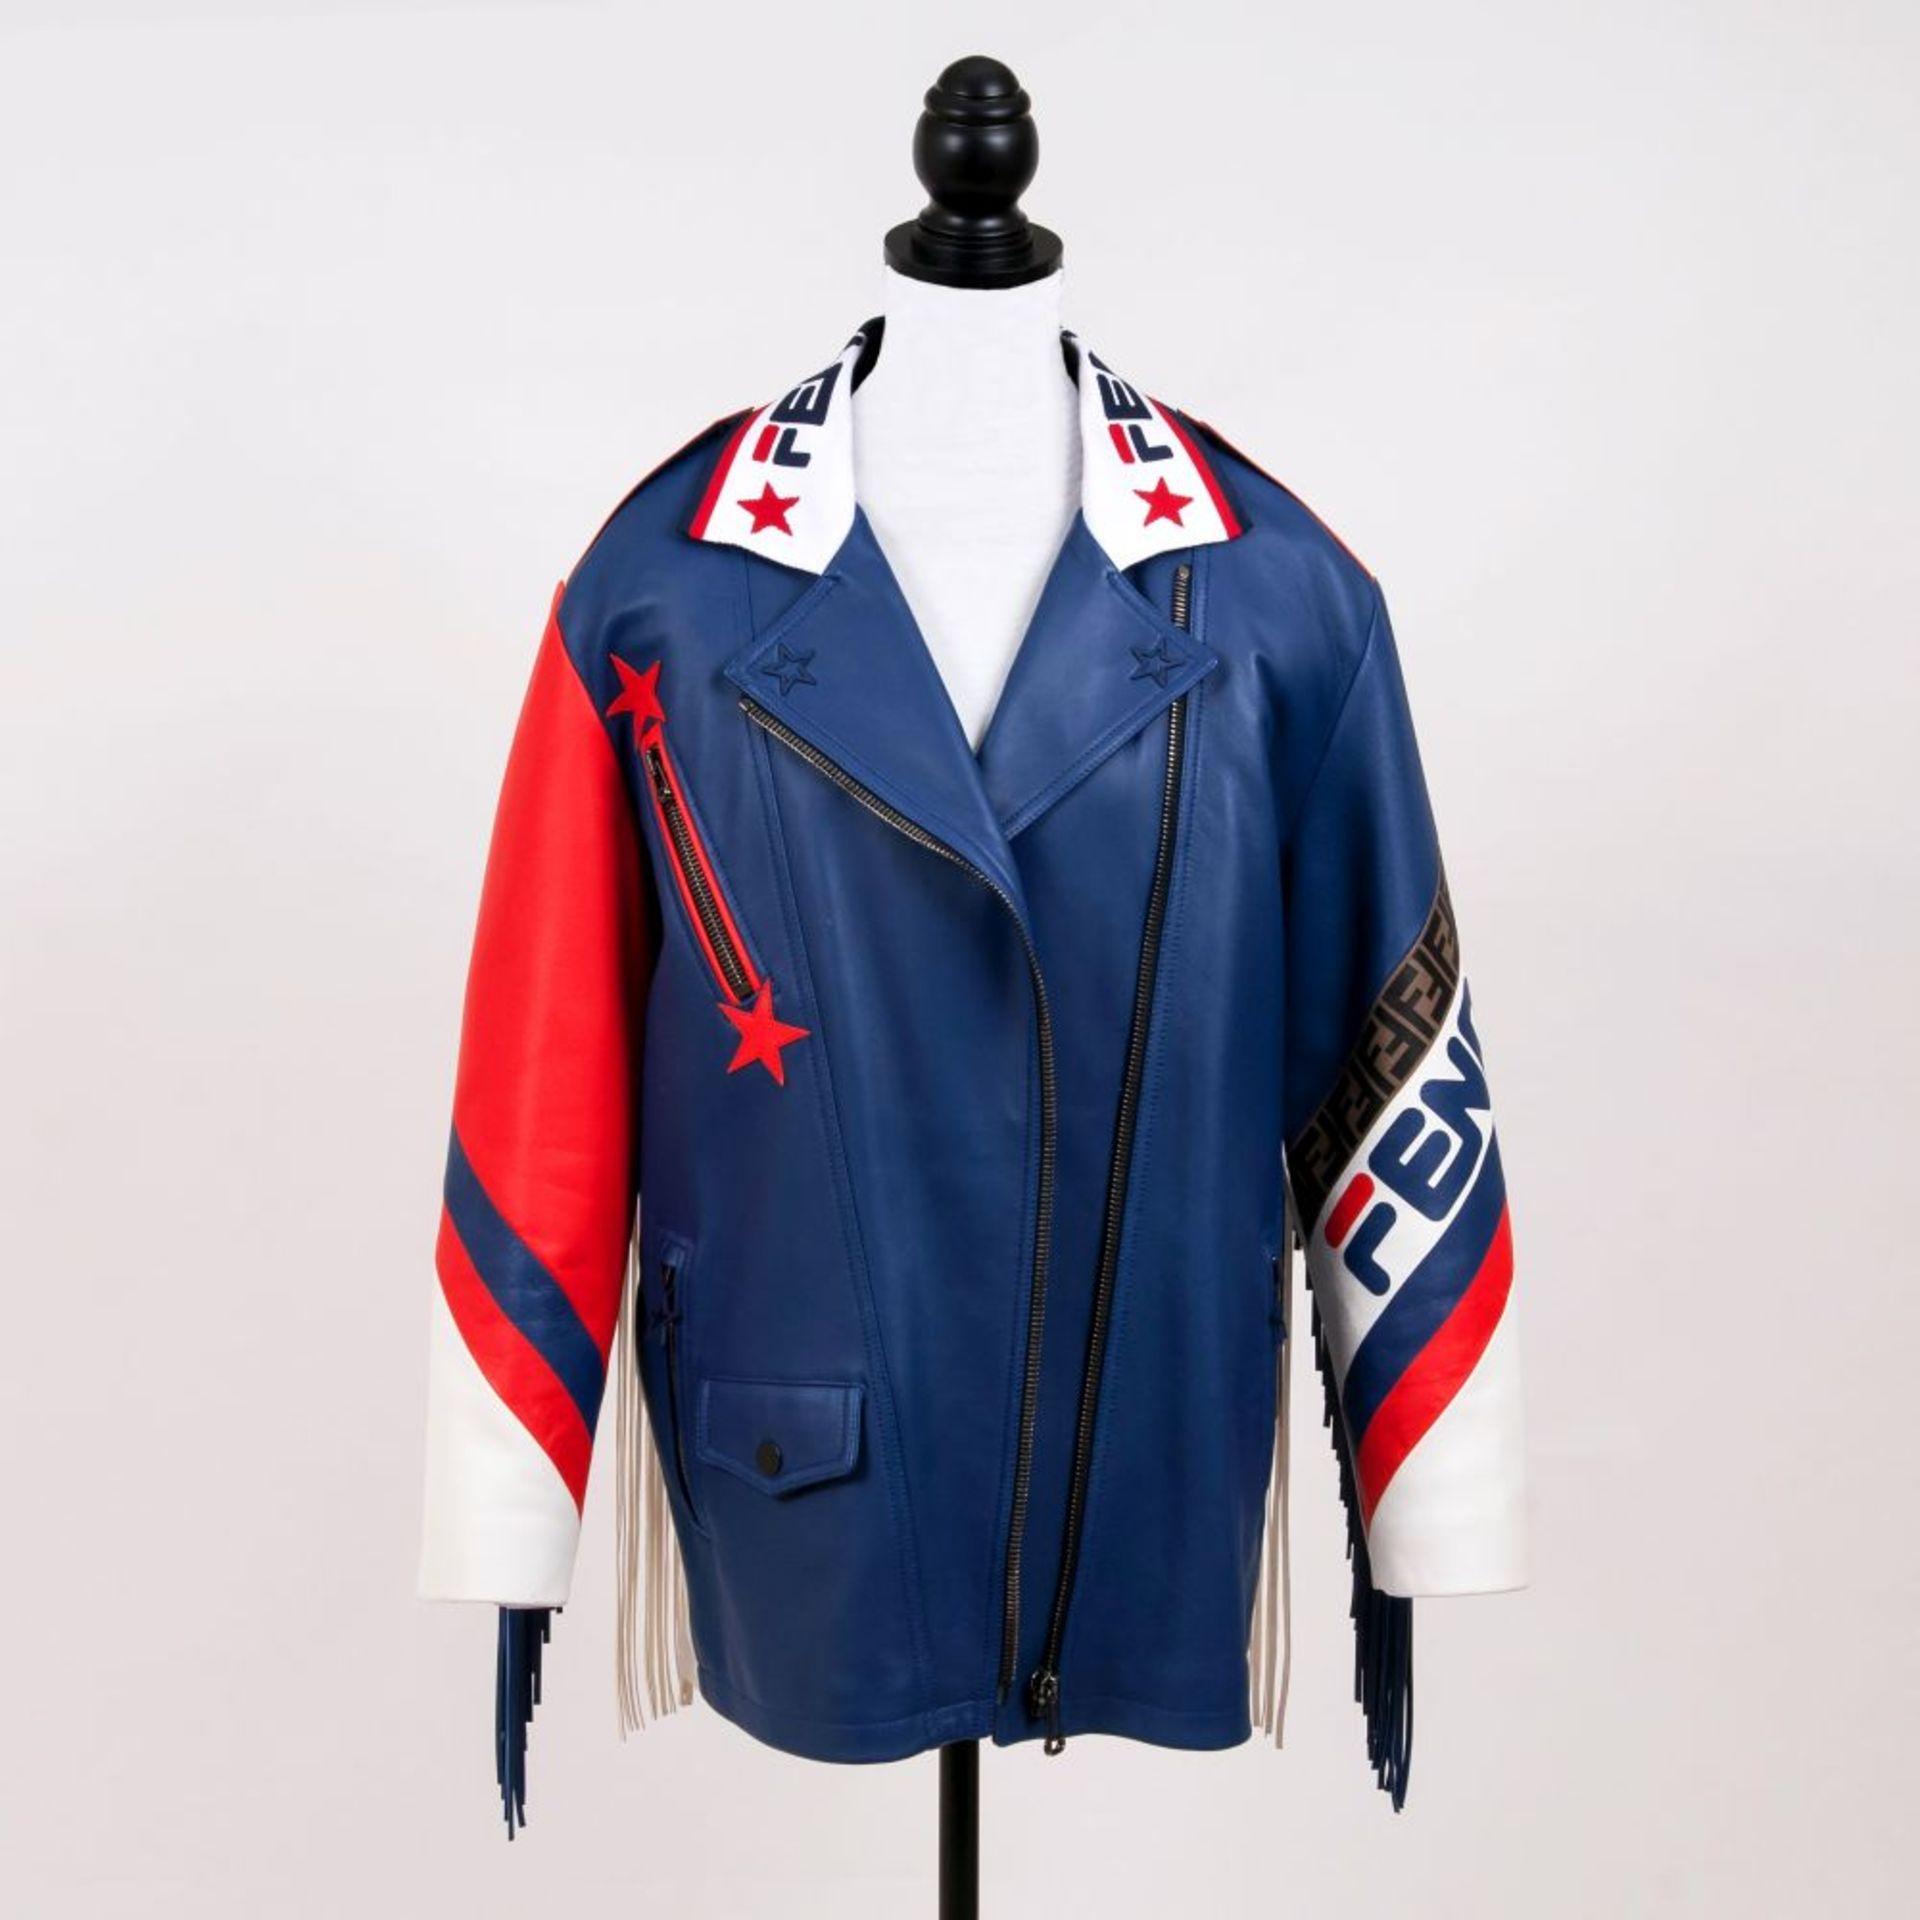 Fendi. Limitierte Blue Mania Logo-trimmed Biker Jacket in Kooperation Hey Reilly. - Image 2 of 2